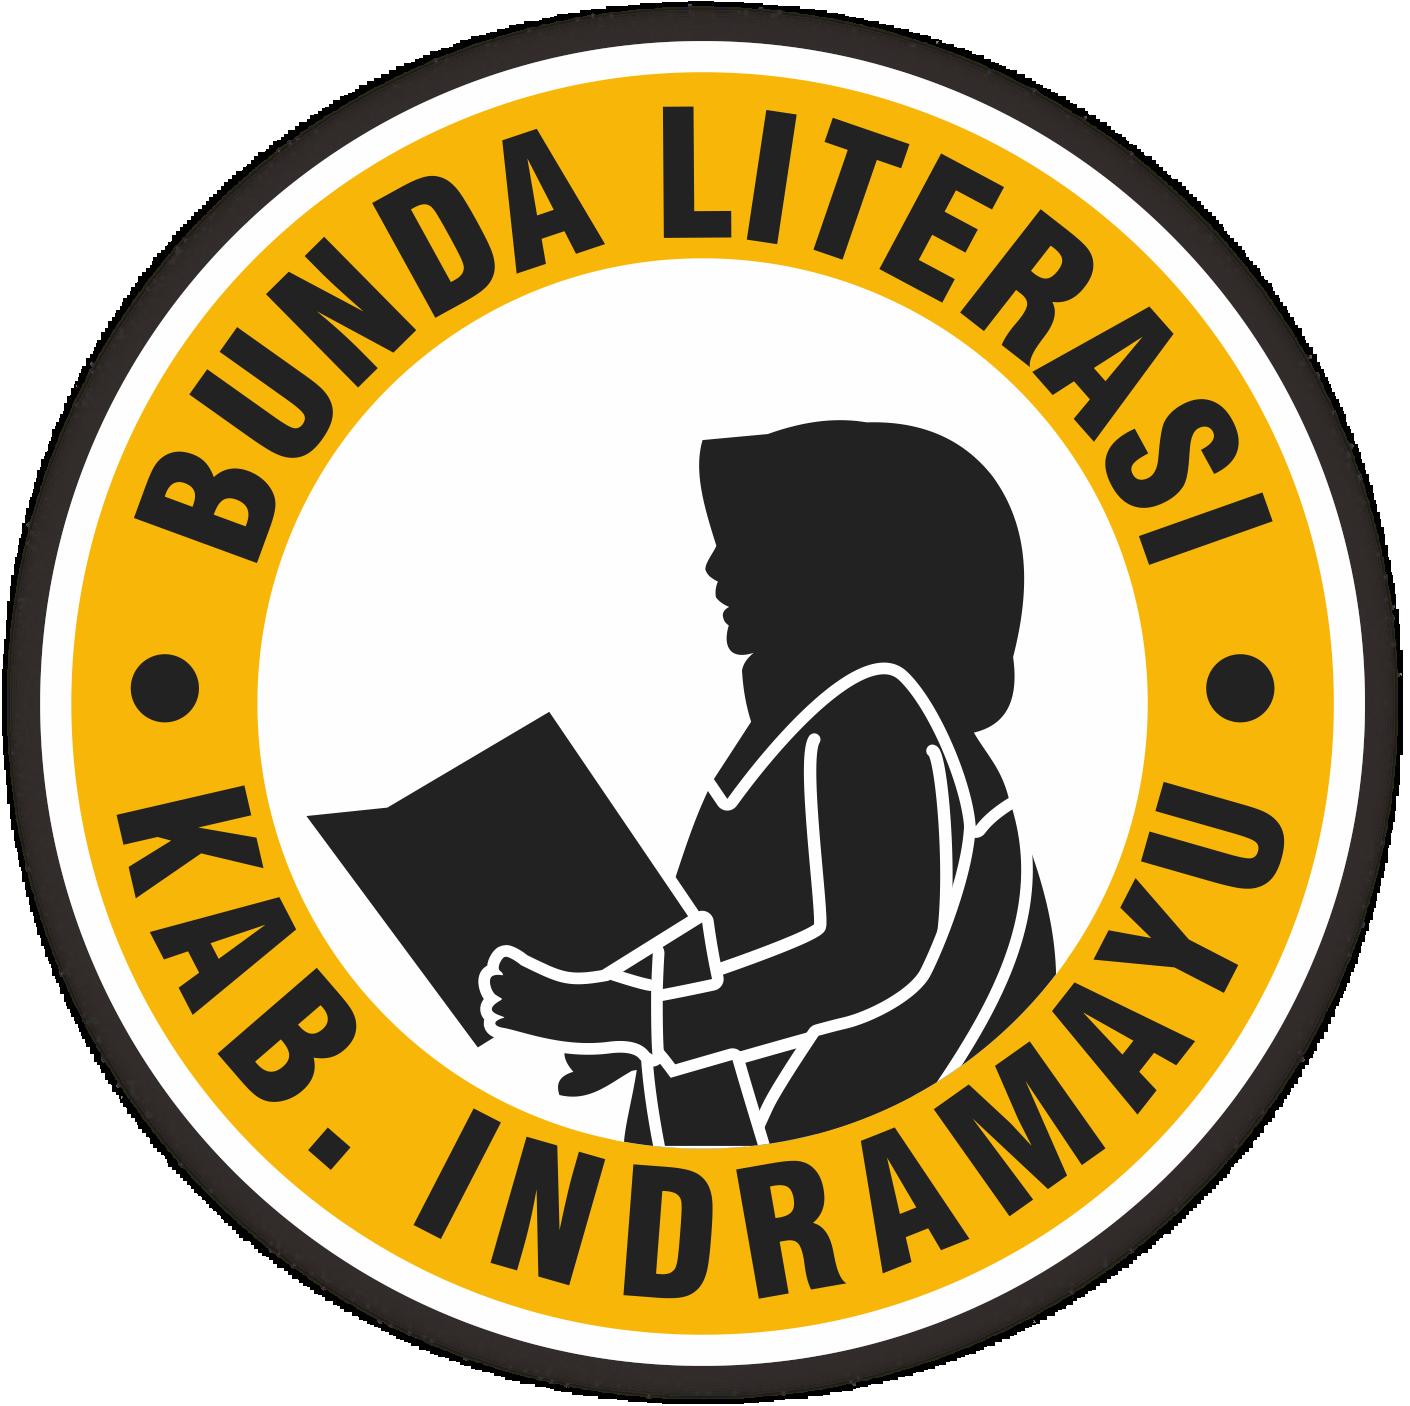 Bunda Literasi Indramayu